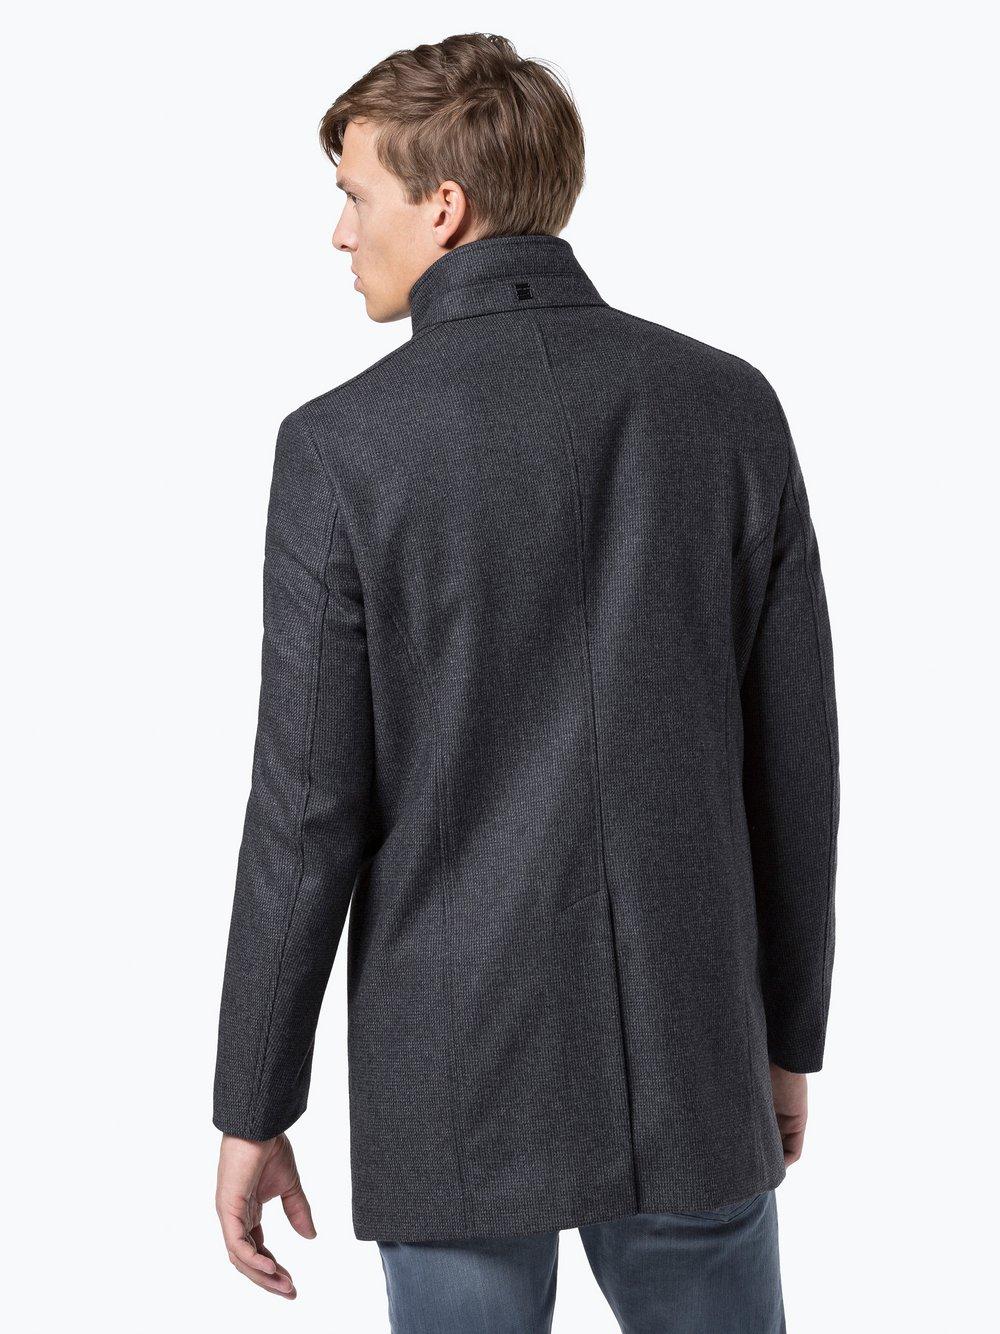 Volumen groß klassischer Stil günstig kaufen Cinque Herren Mantel - Cioxford V online kaufen   PEEK-UND ...